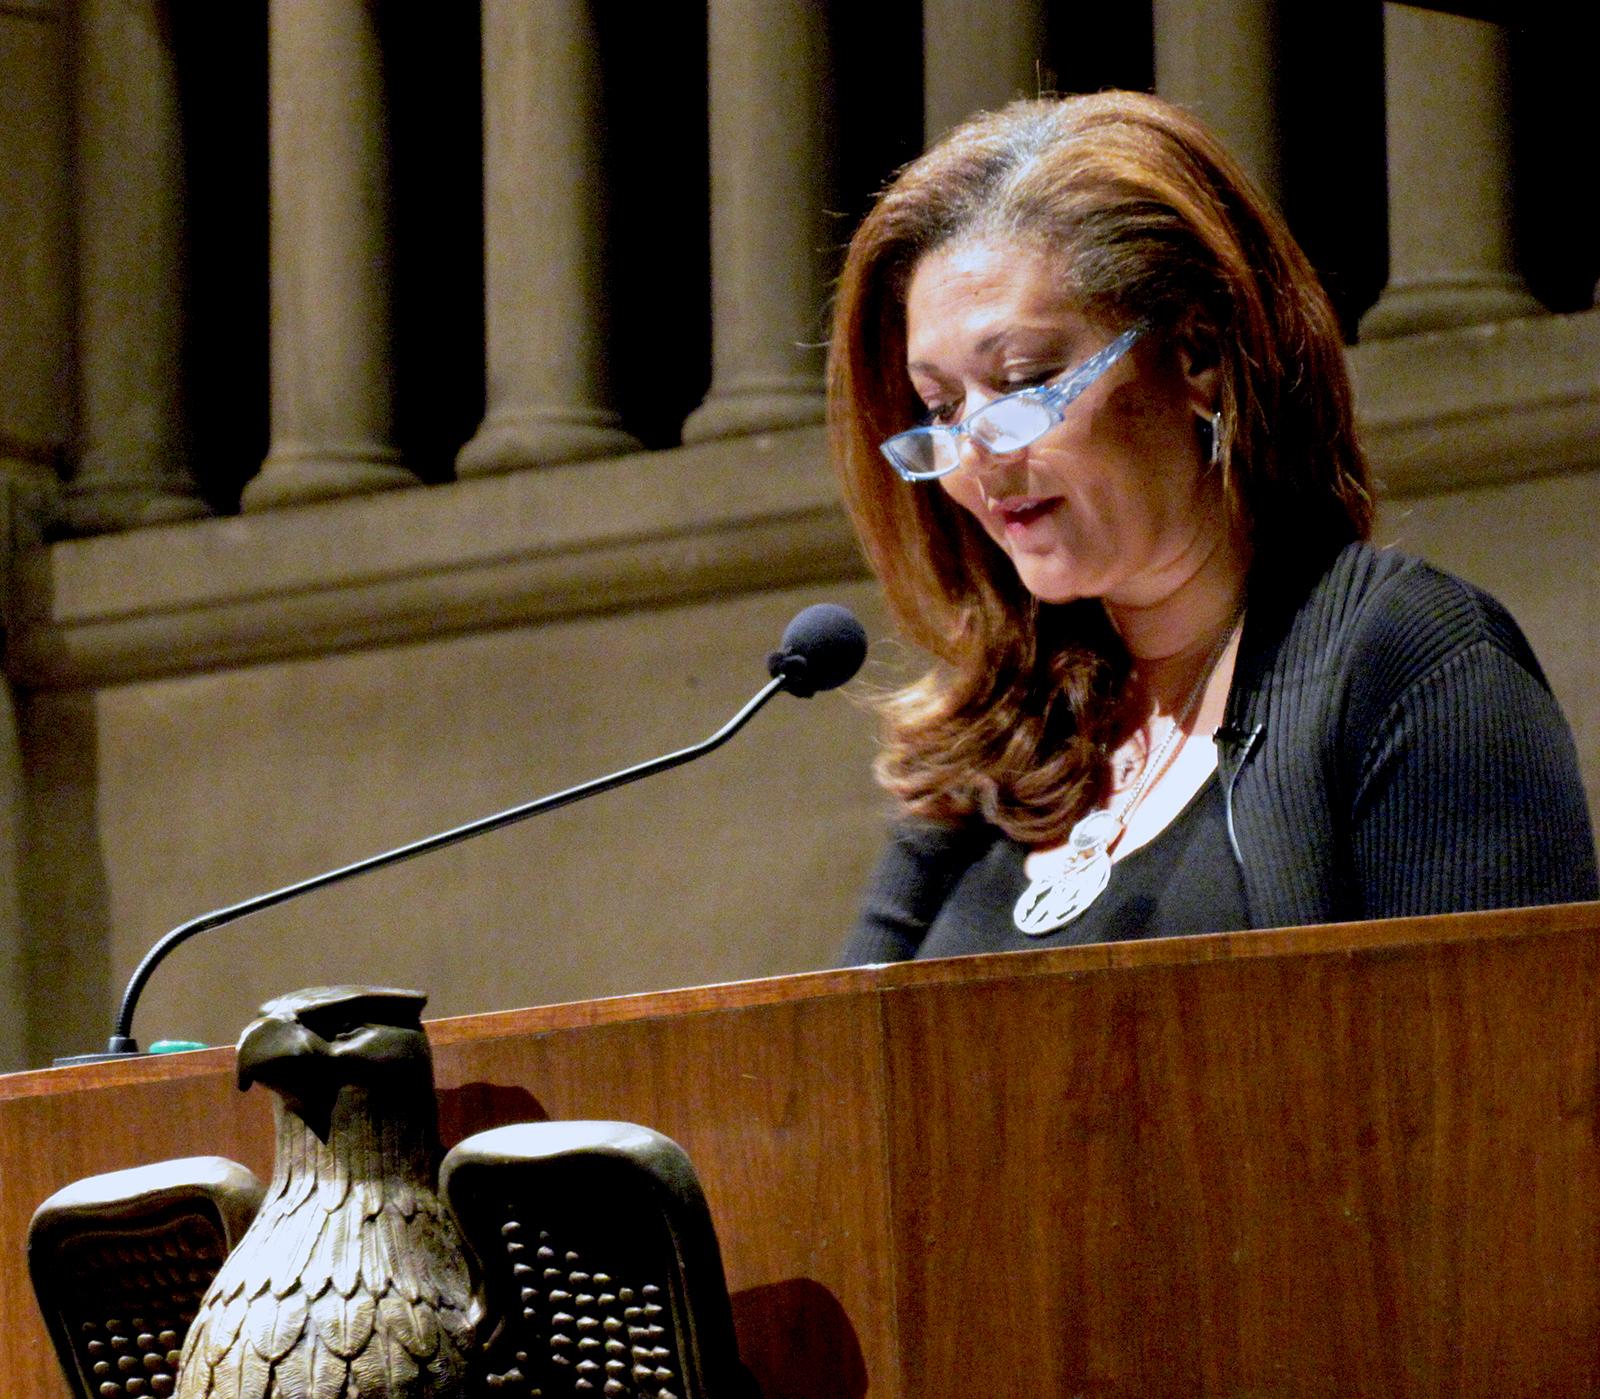 MichelleNorrisbyJaquelyn